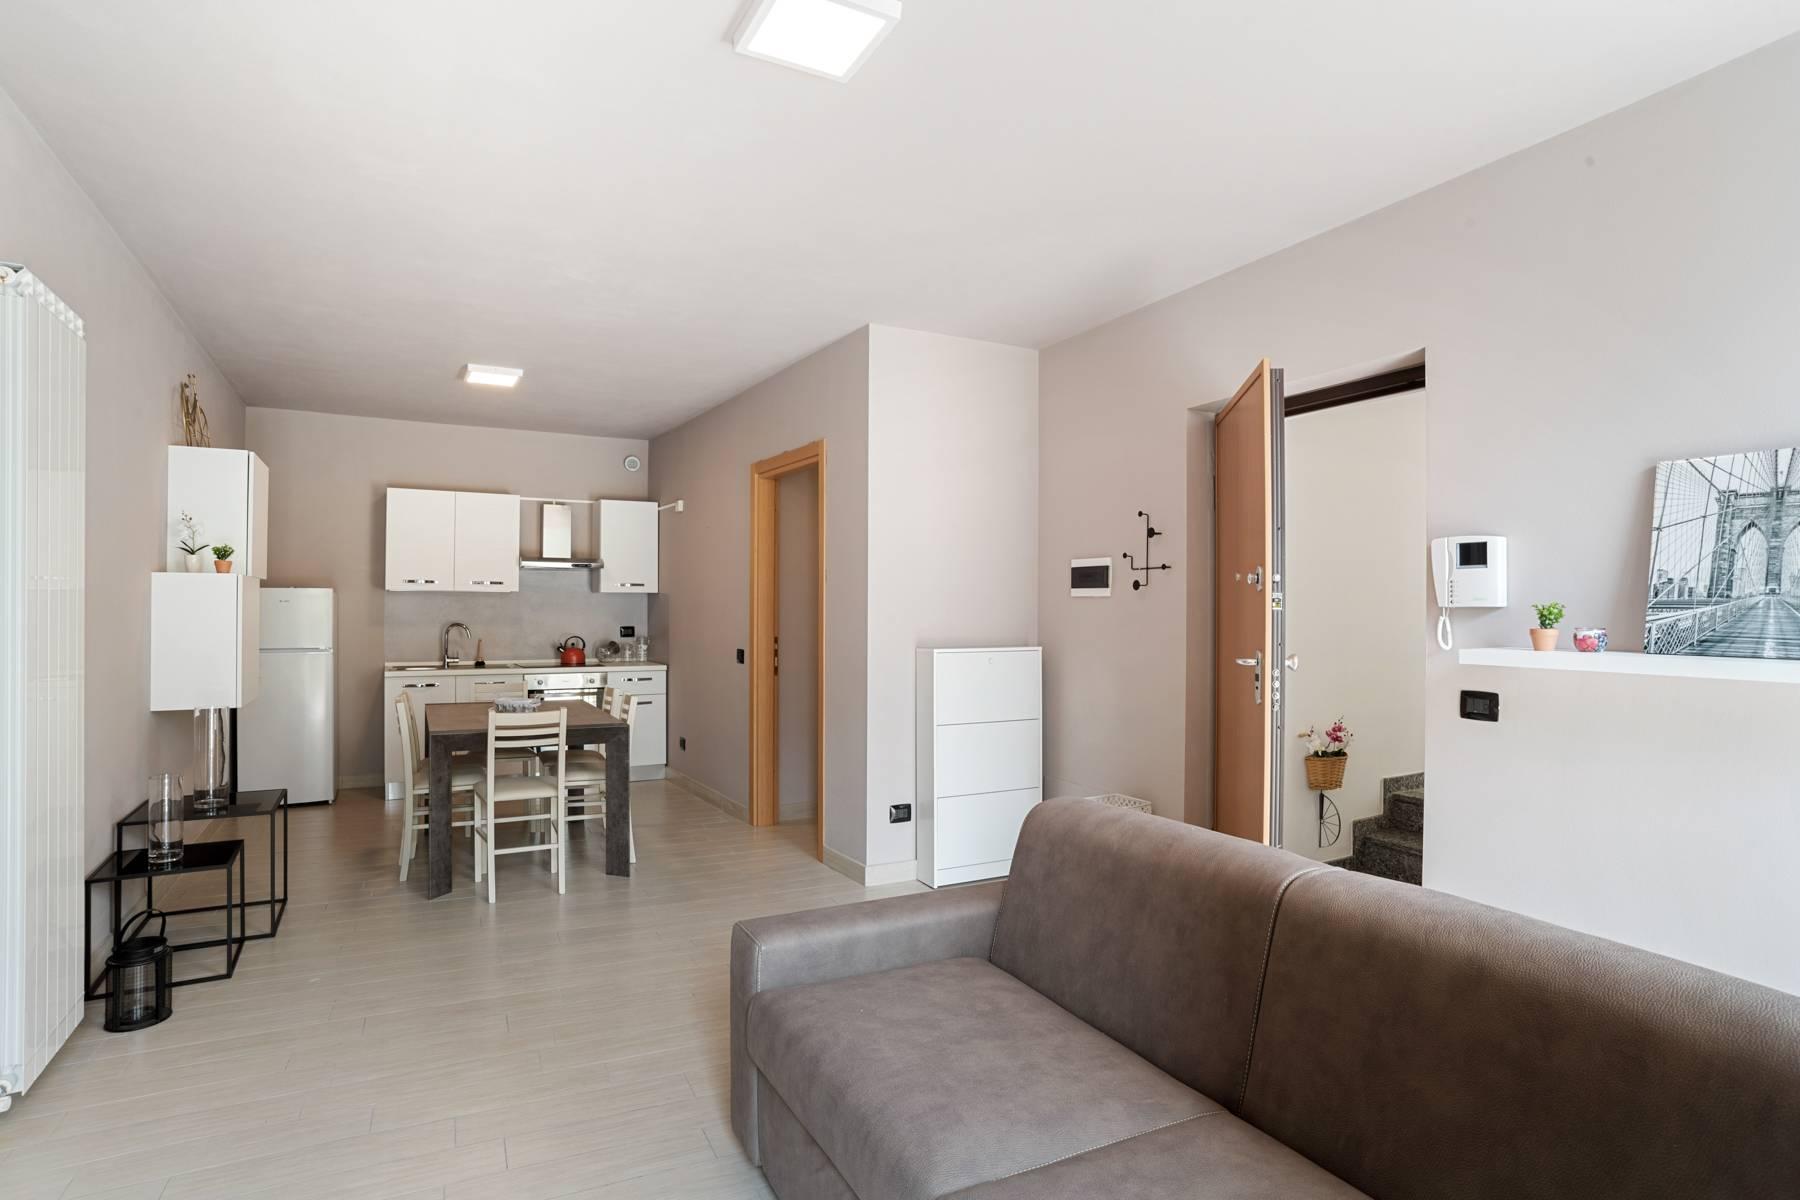 Appartamento in Vendita a Castelveccana: 3 locali, 95 mq - Foto 4